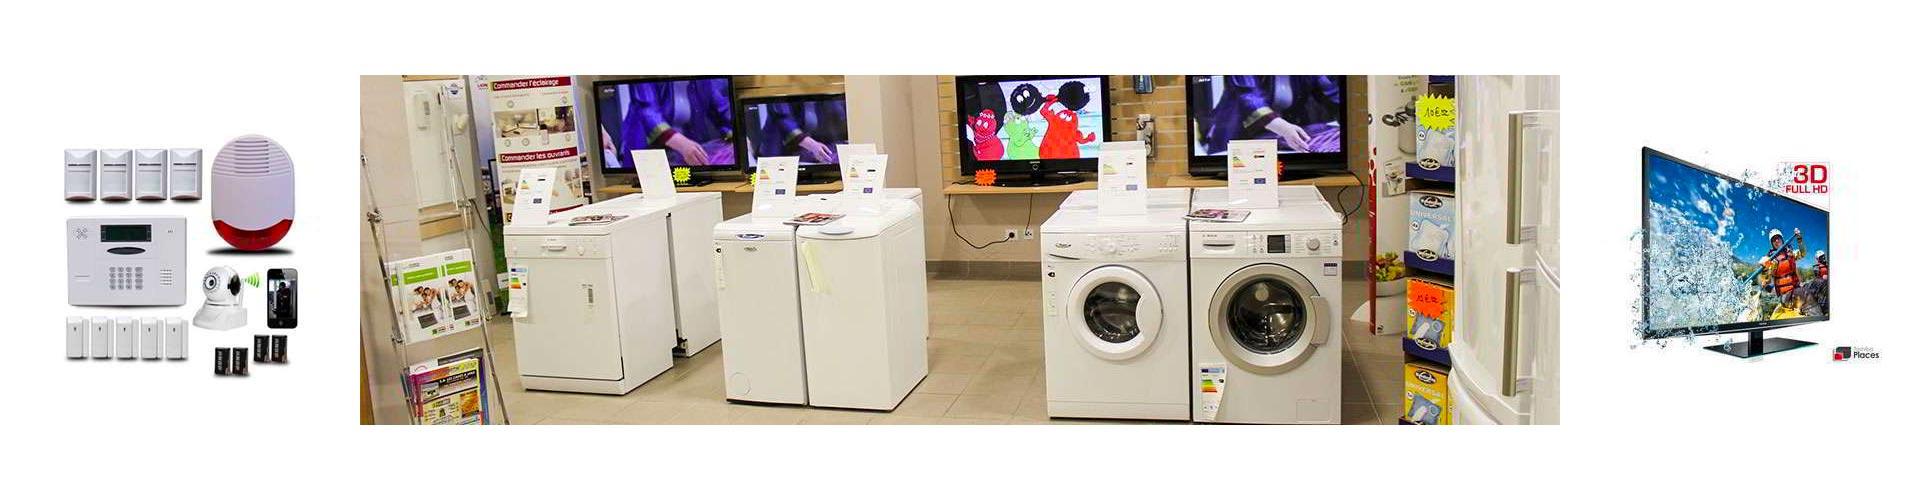 AGEPS centre de réparation électroménager et TV